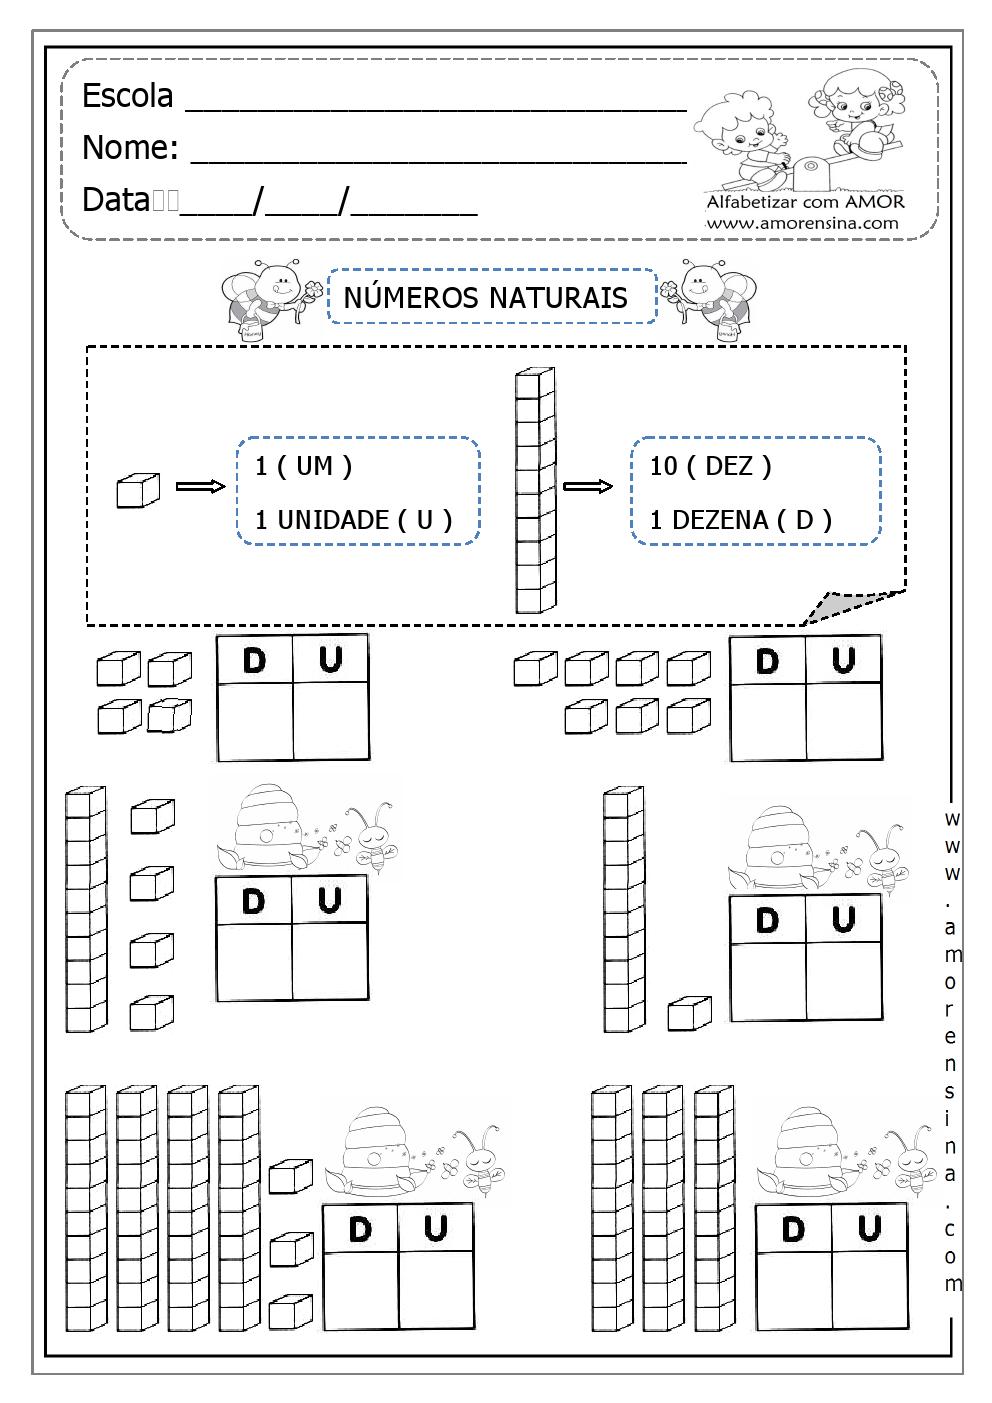 Alfabetizar com AMOR: ENTENDENDO UNIDADES E DEZENAS COM MATERIAL ...